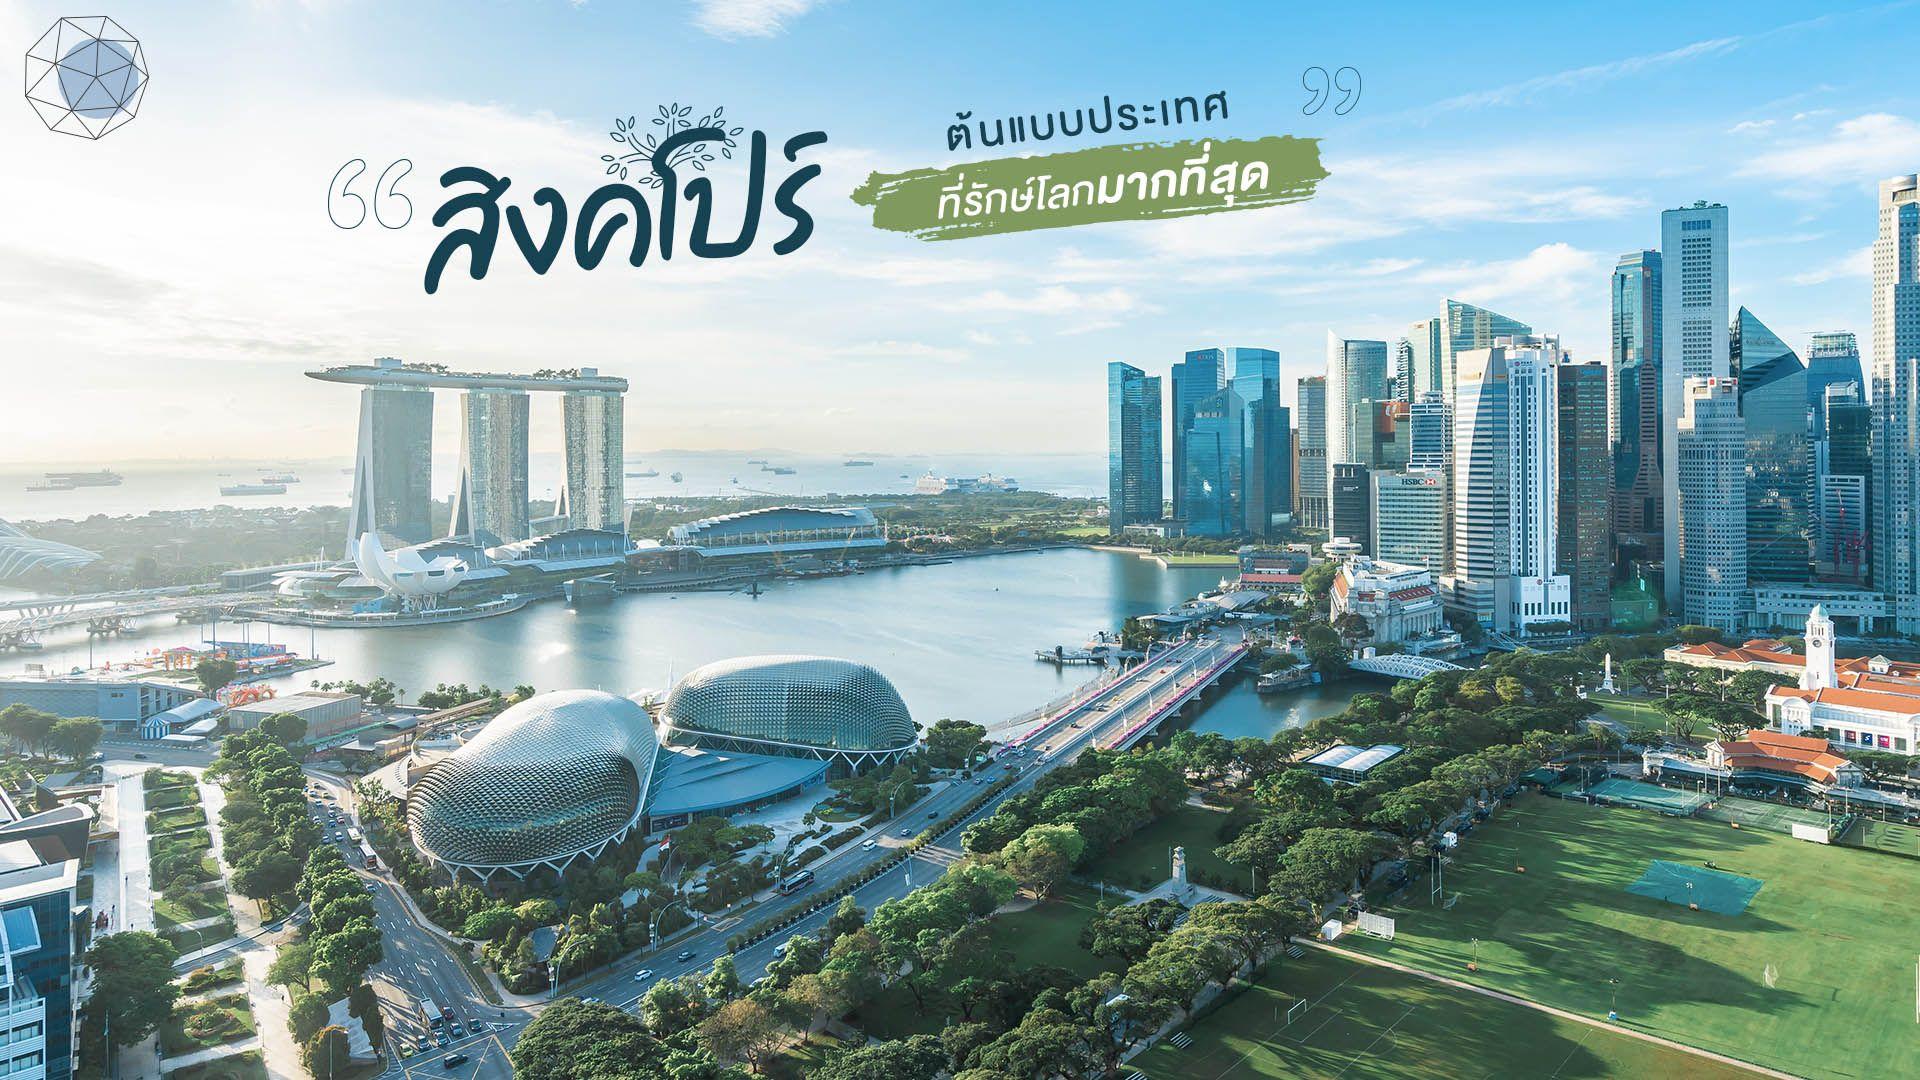 สิงคโปร์ ต้นแบบของประเทศที่รักษ์โลกมากที่สุด